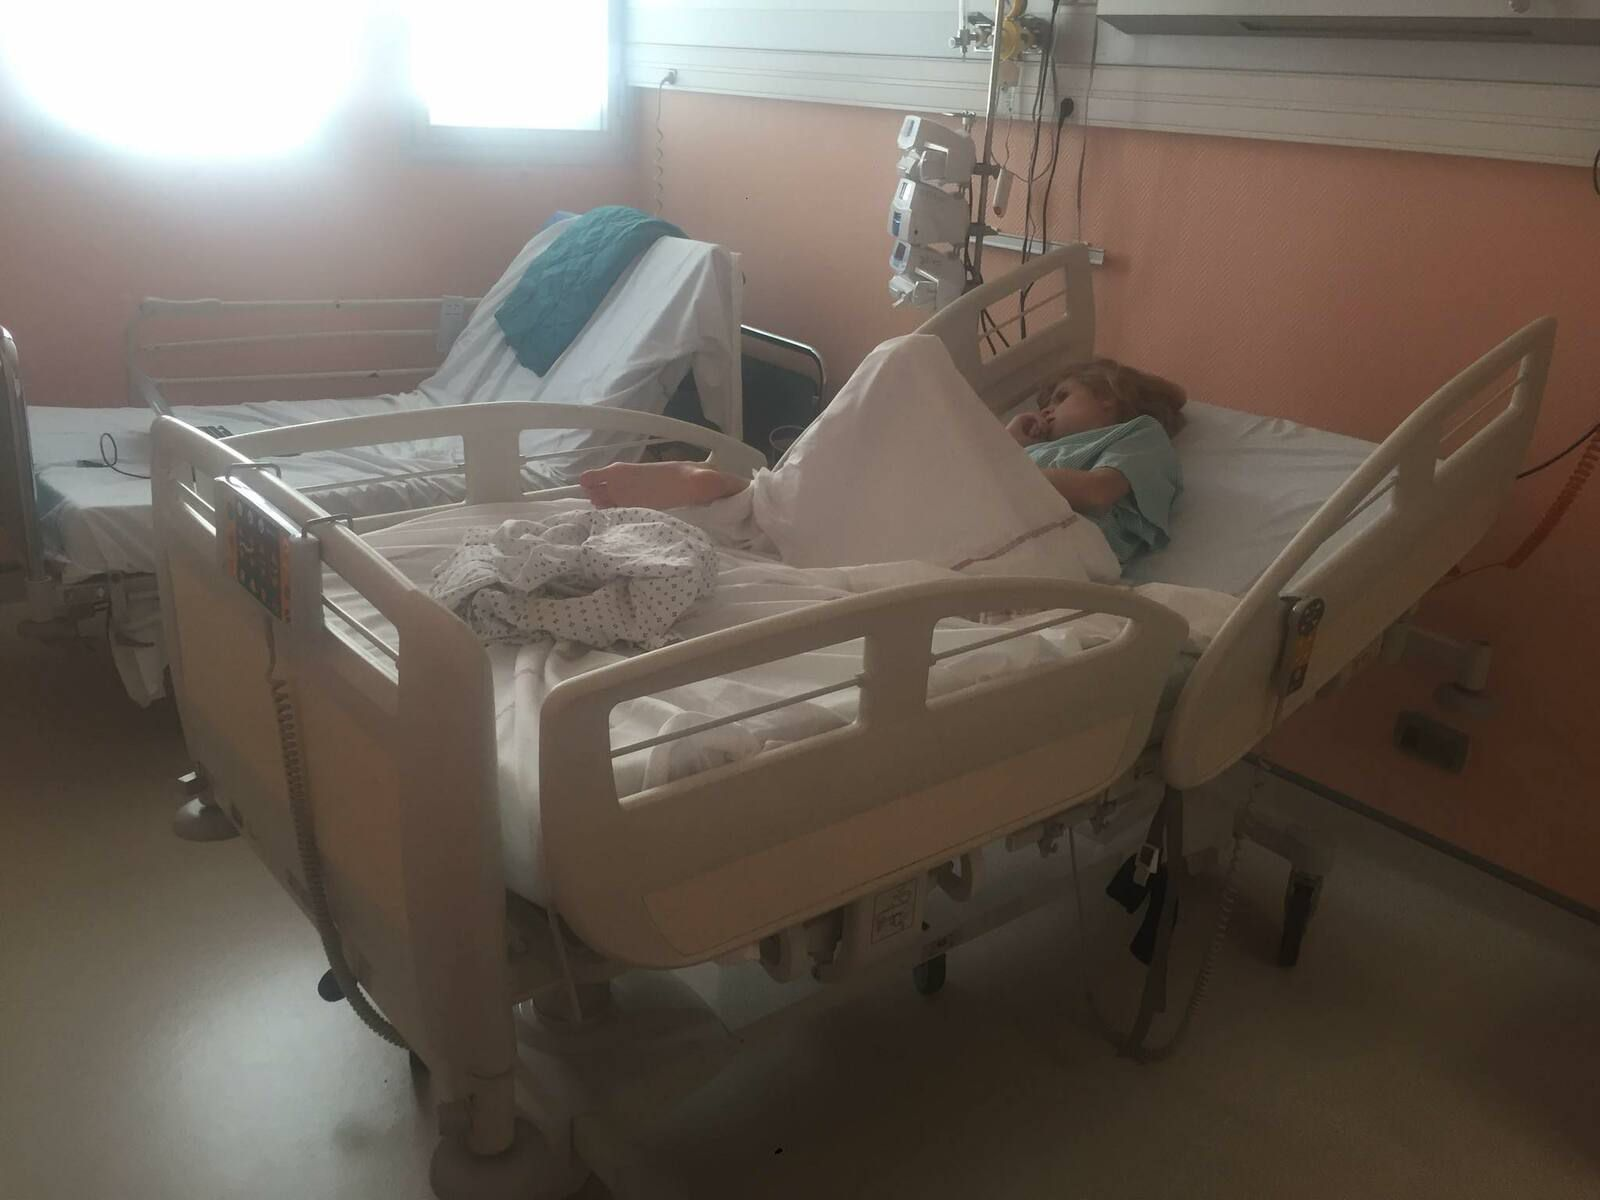 Notre chambre en chirurgie